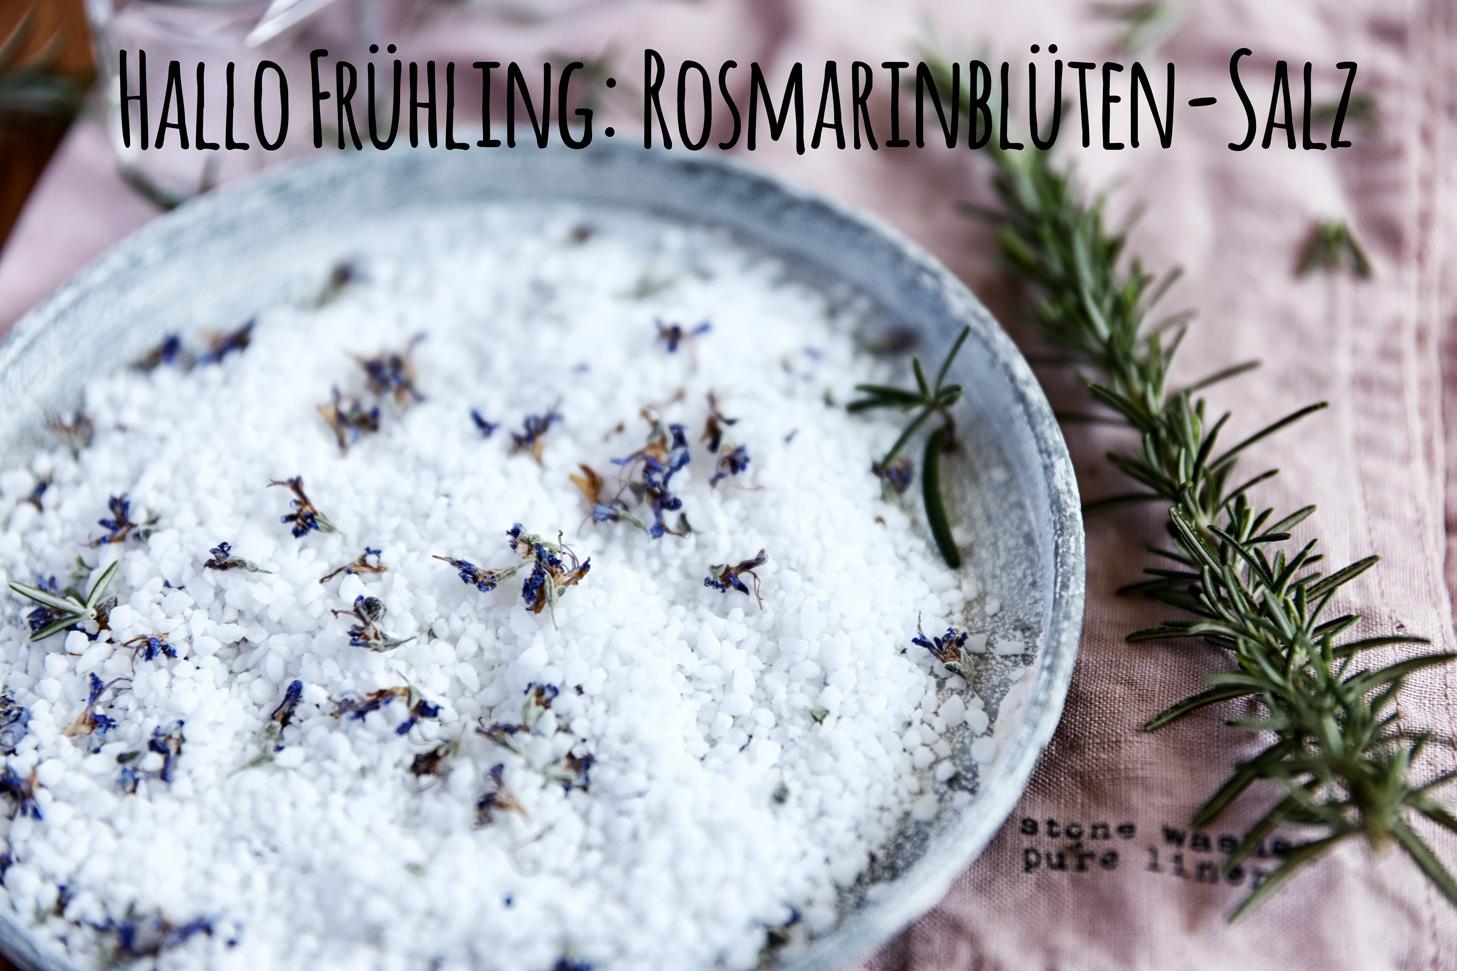 Rosmarinblüten-Salz